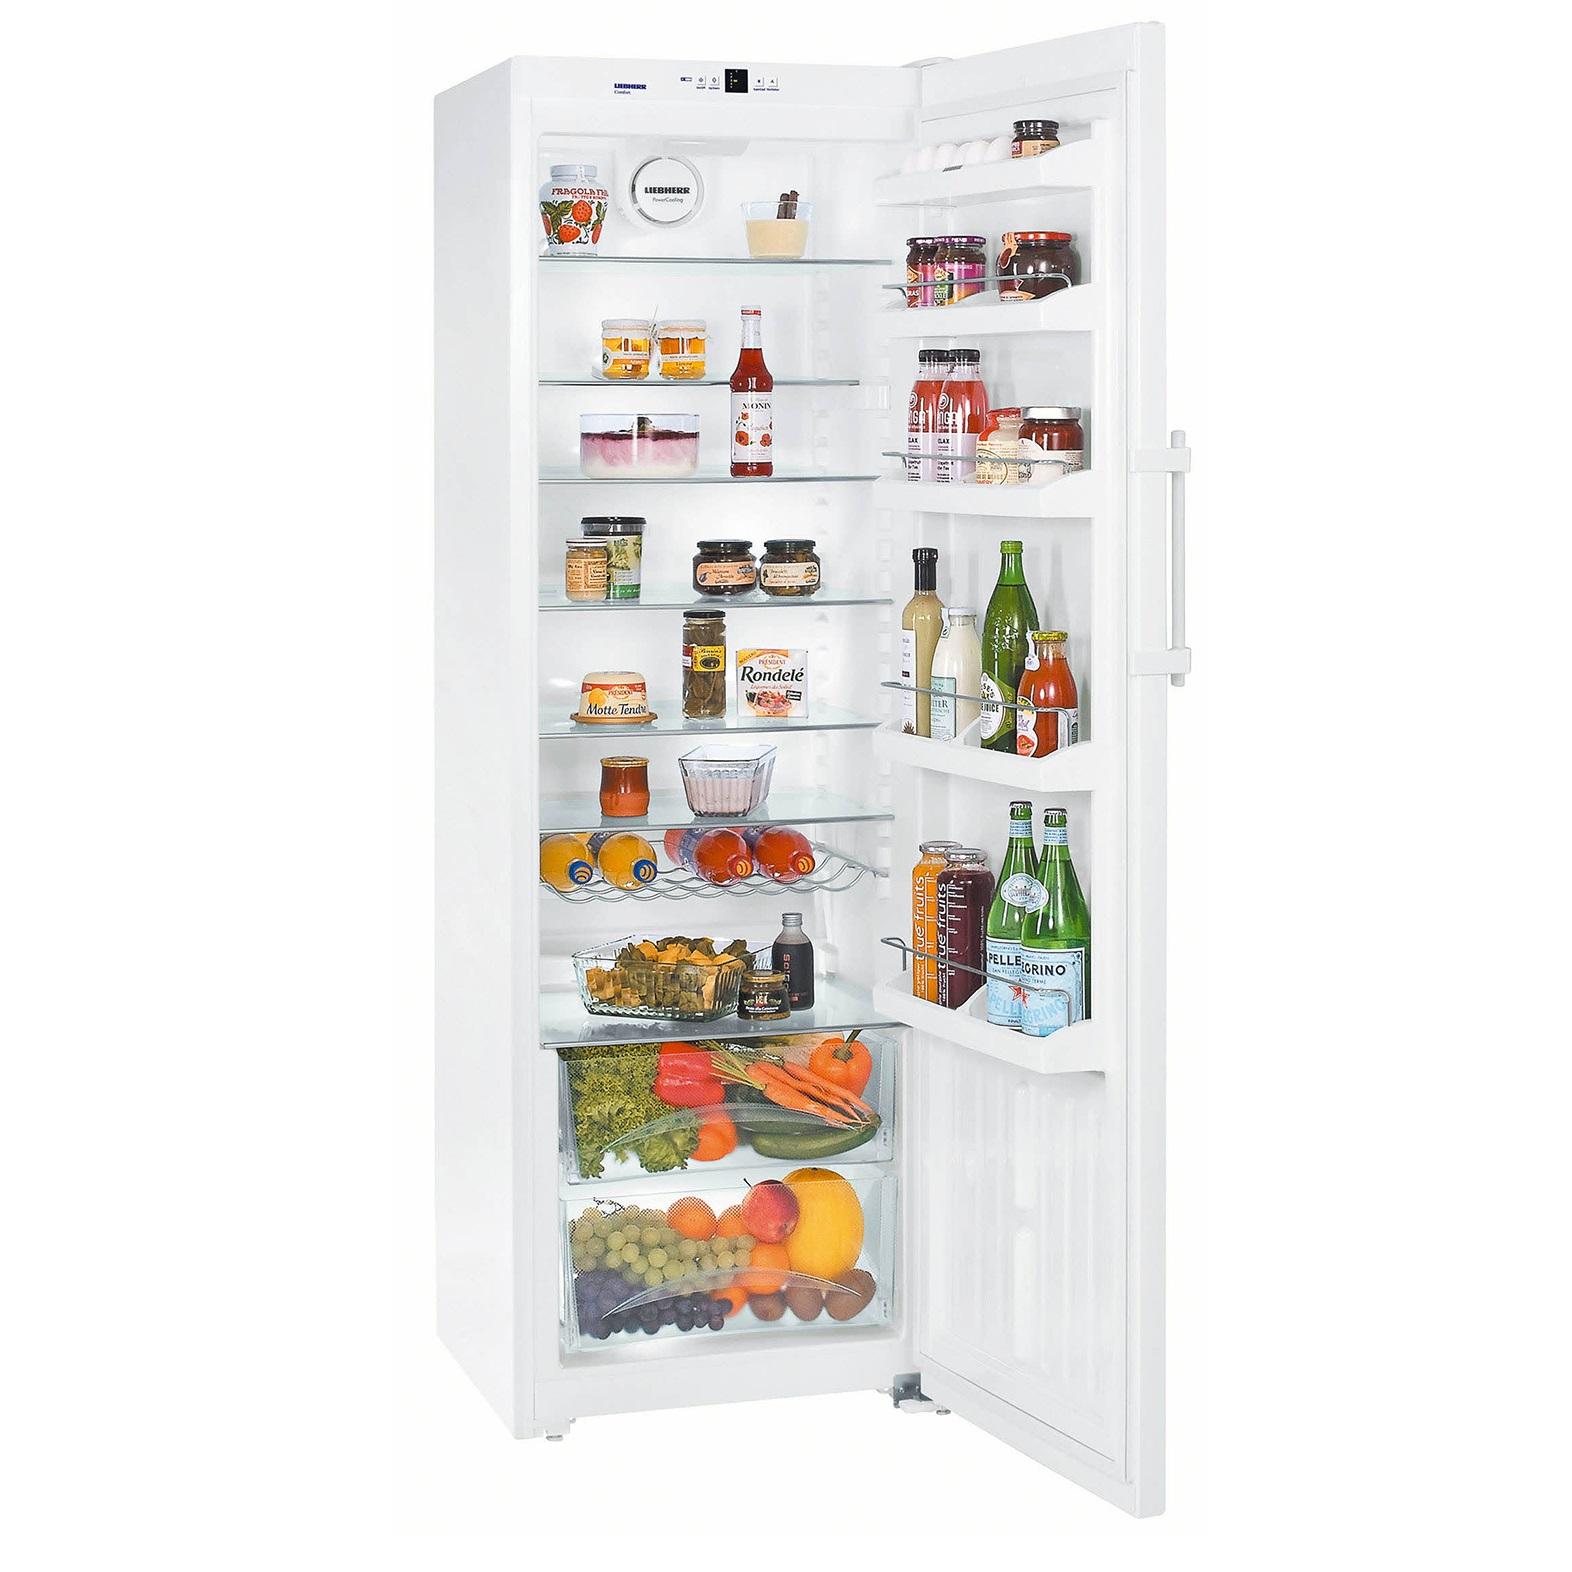 купить Однокамерный холодильник Liebherr KP 4220 Украина фото 0